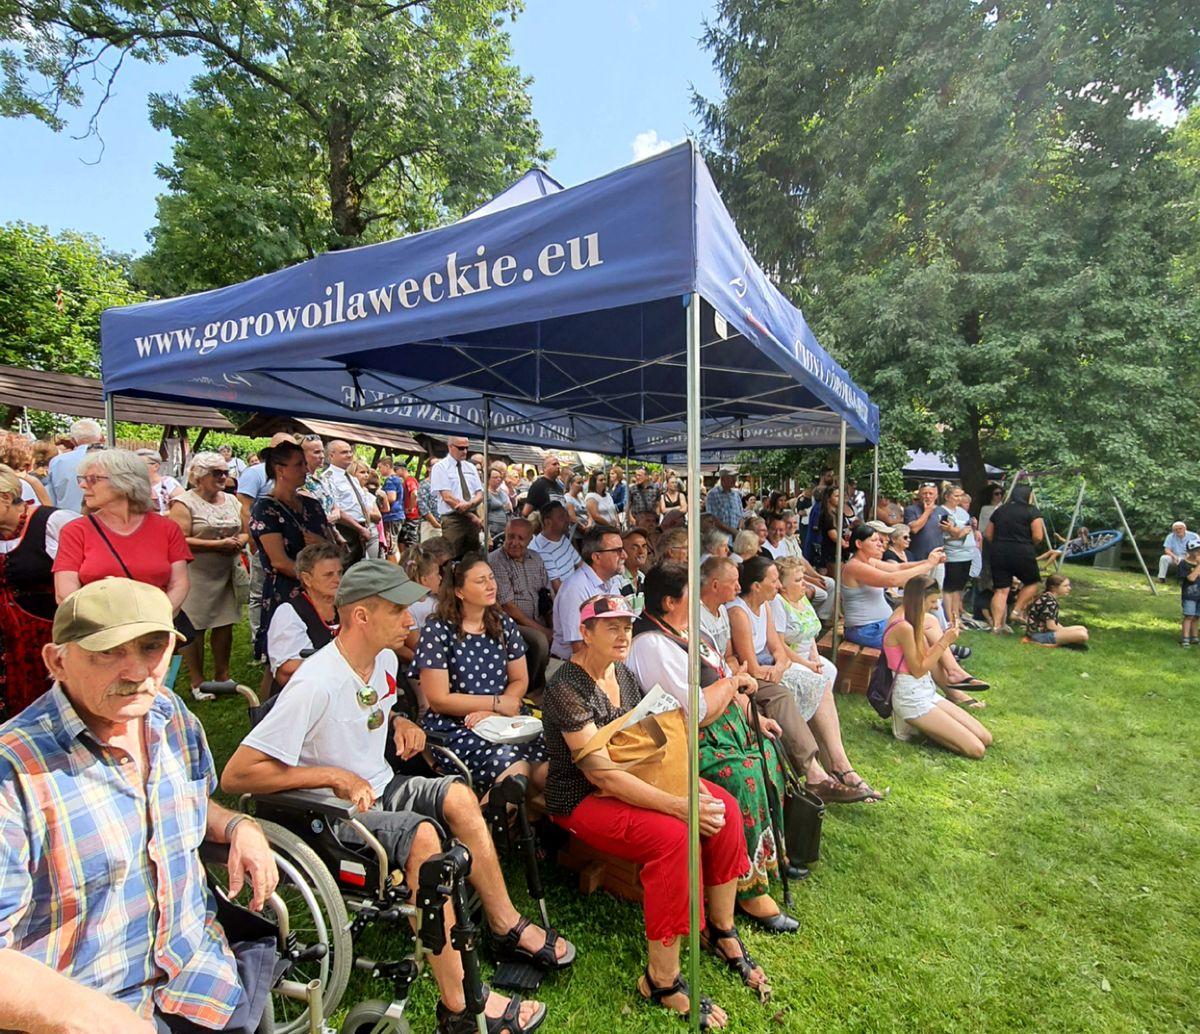 Festyn w Żywkowie zgromadził liczą publiczność.